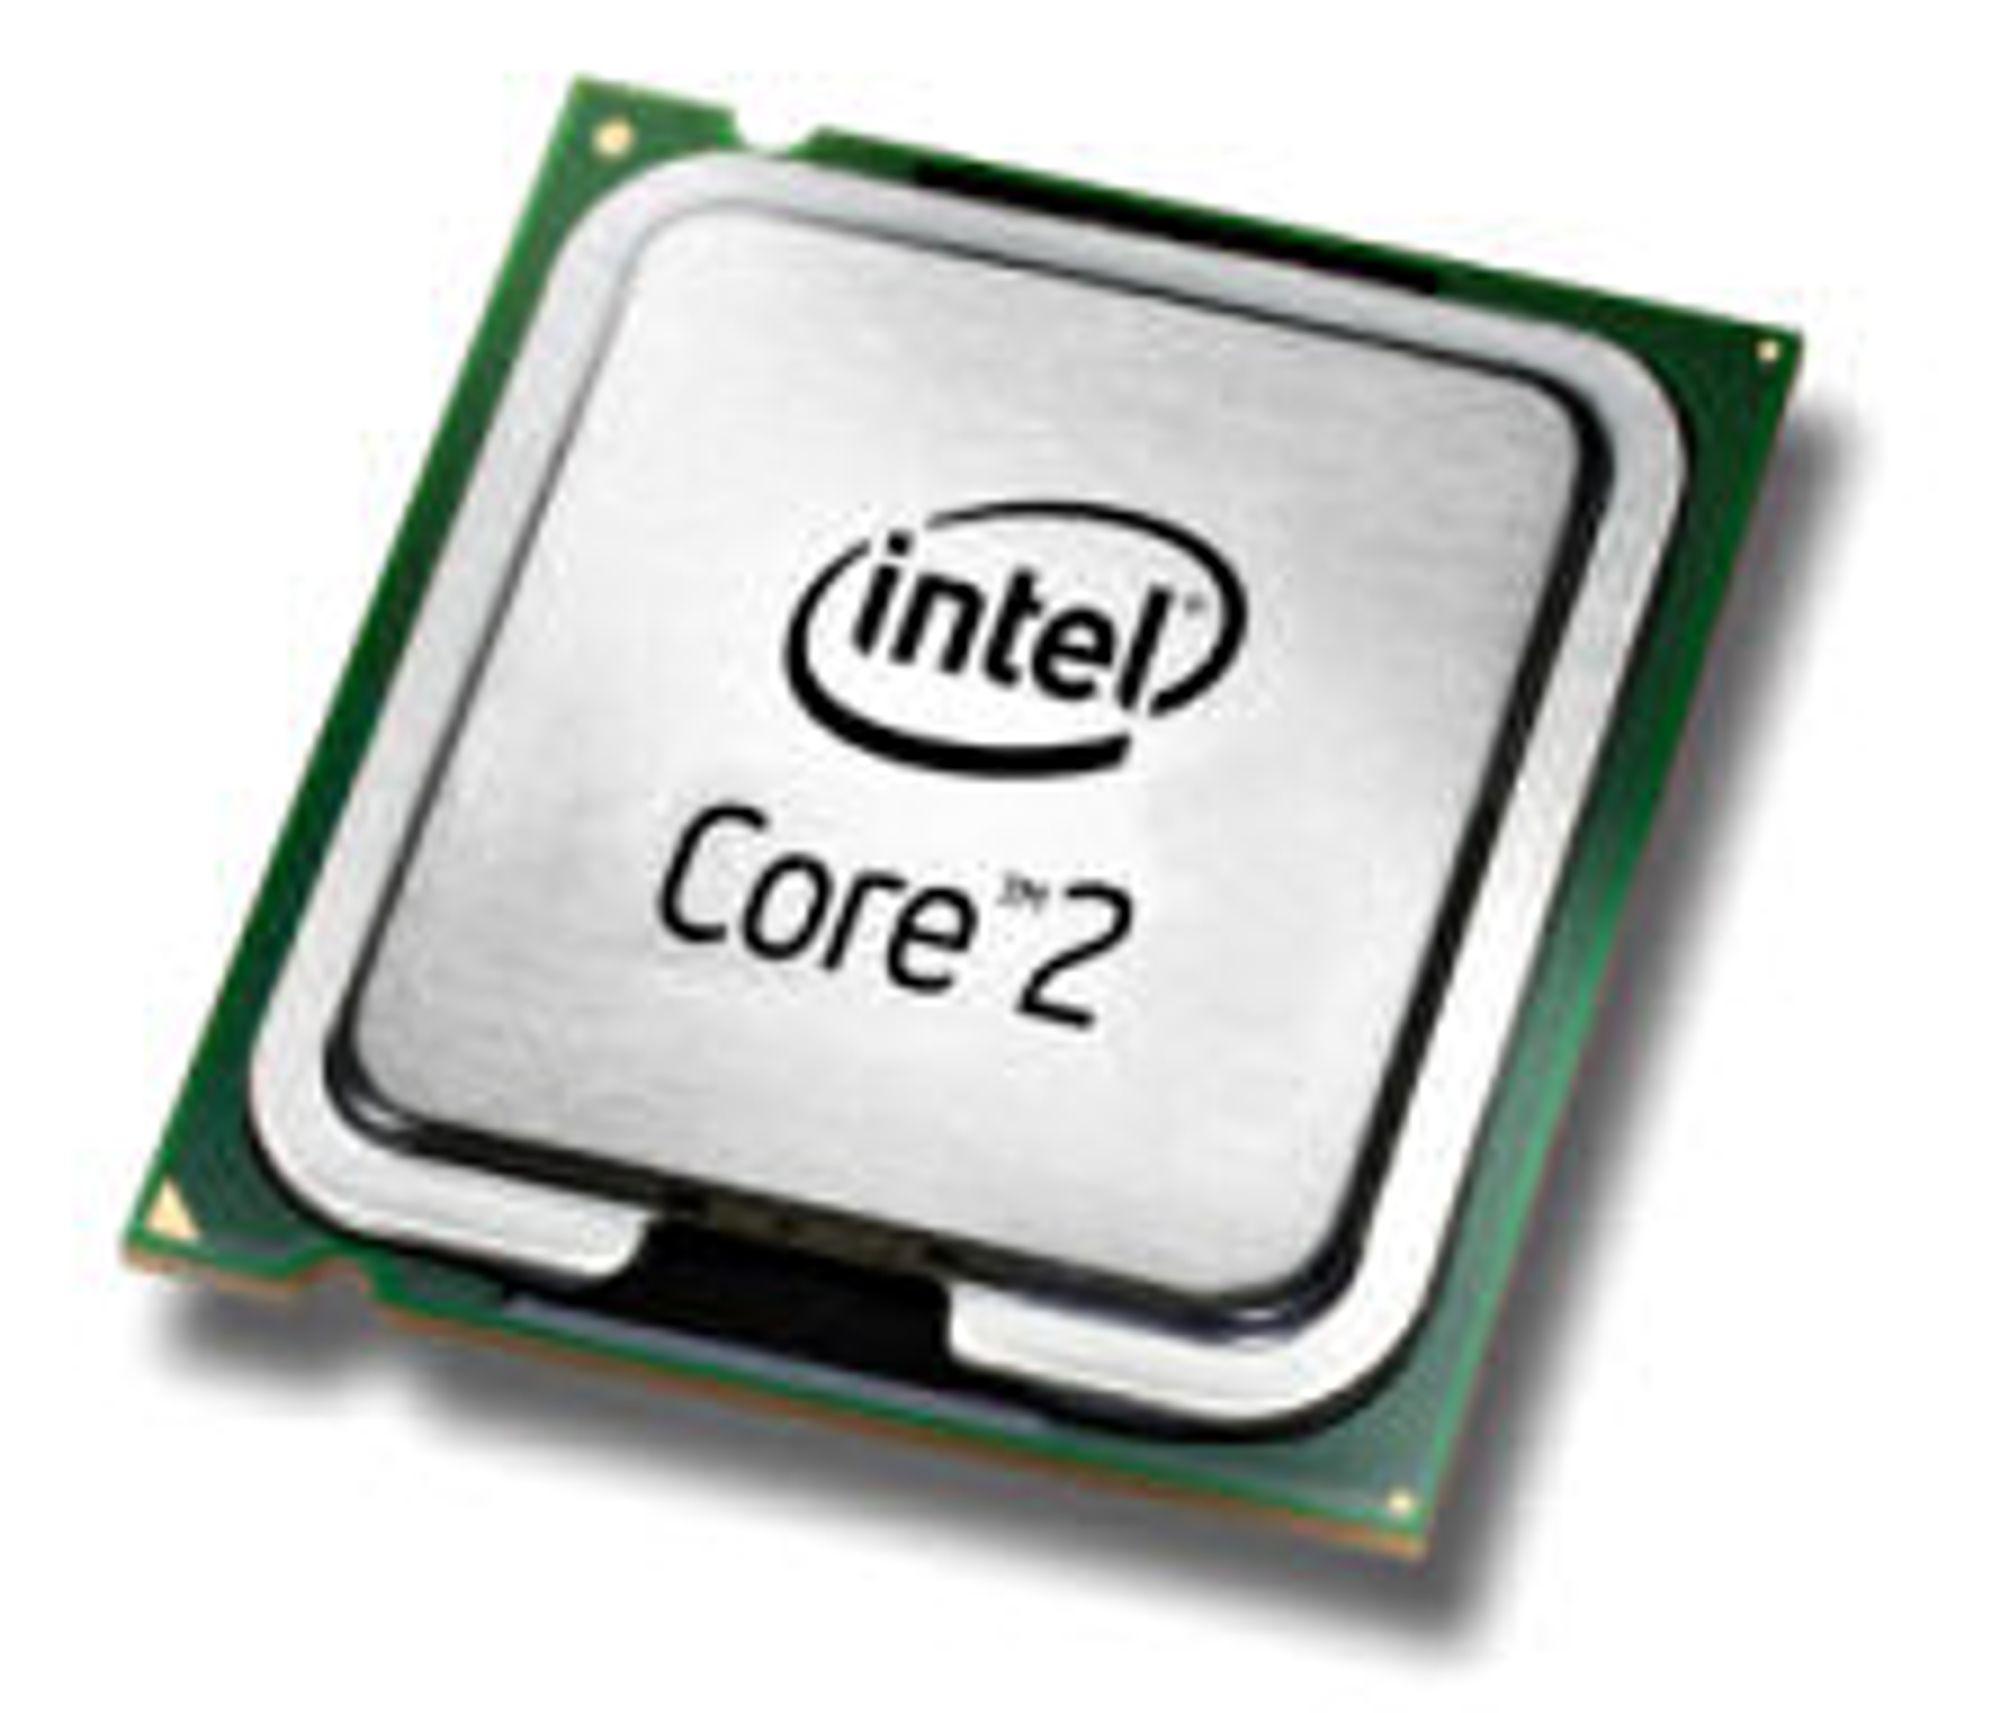 Viiv og vPro legges under Core 2-navnet